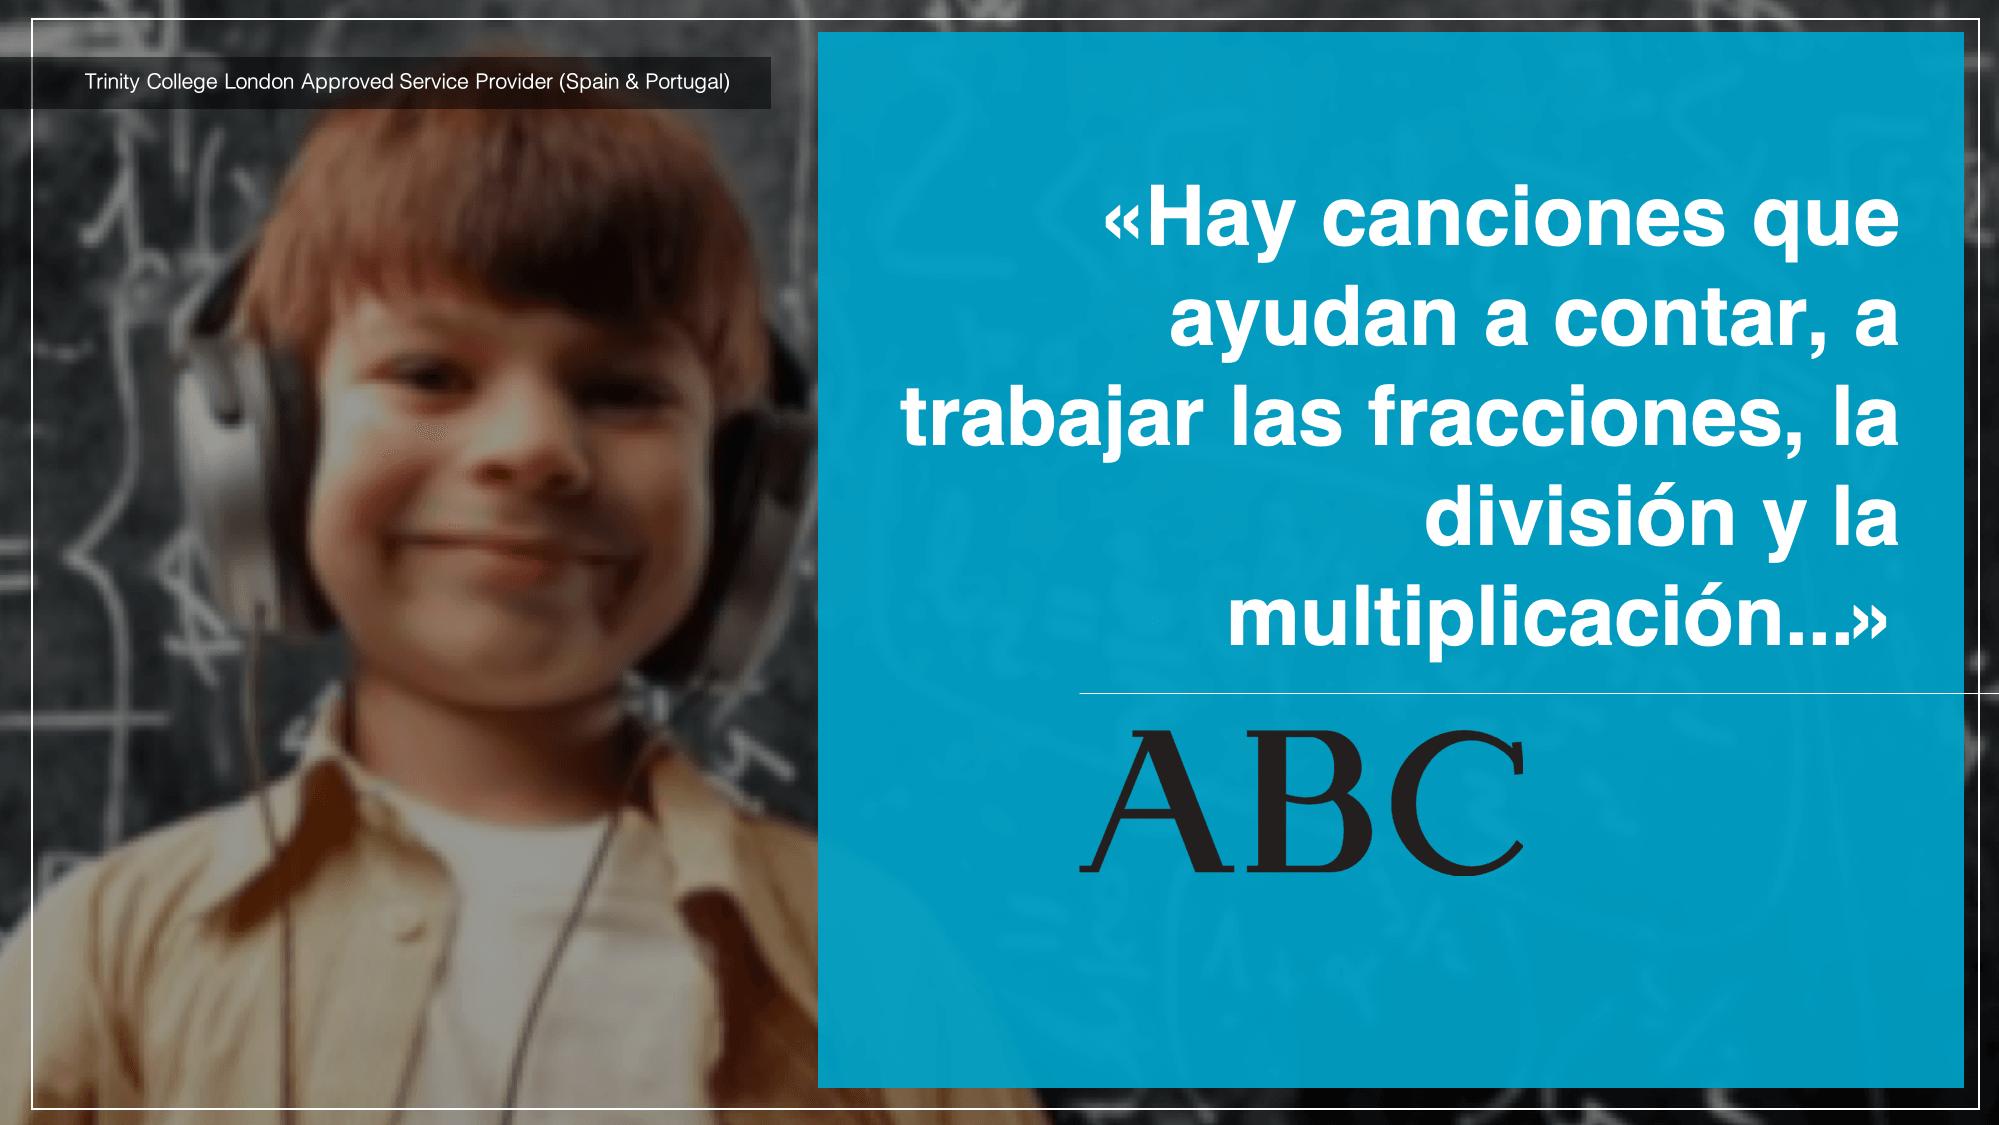 Diario ABC Hay canciones que ayudan a contar, a trabajar las fracciones, la división y la multiplicación